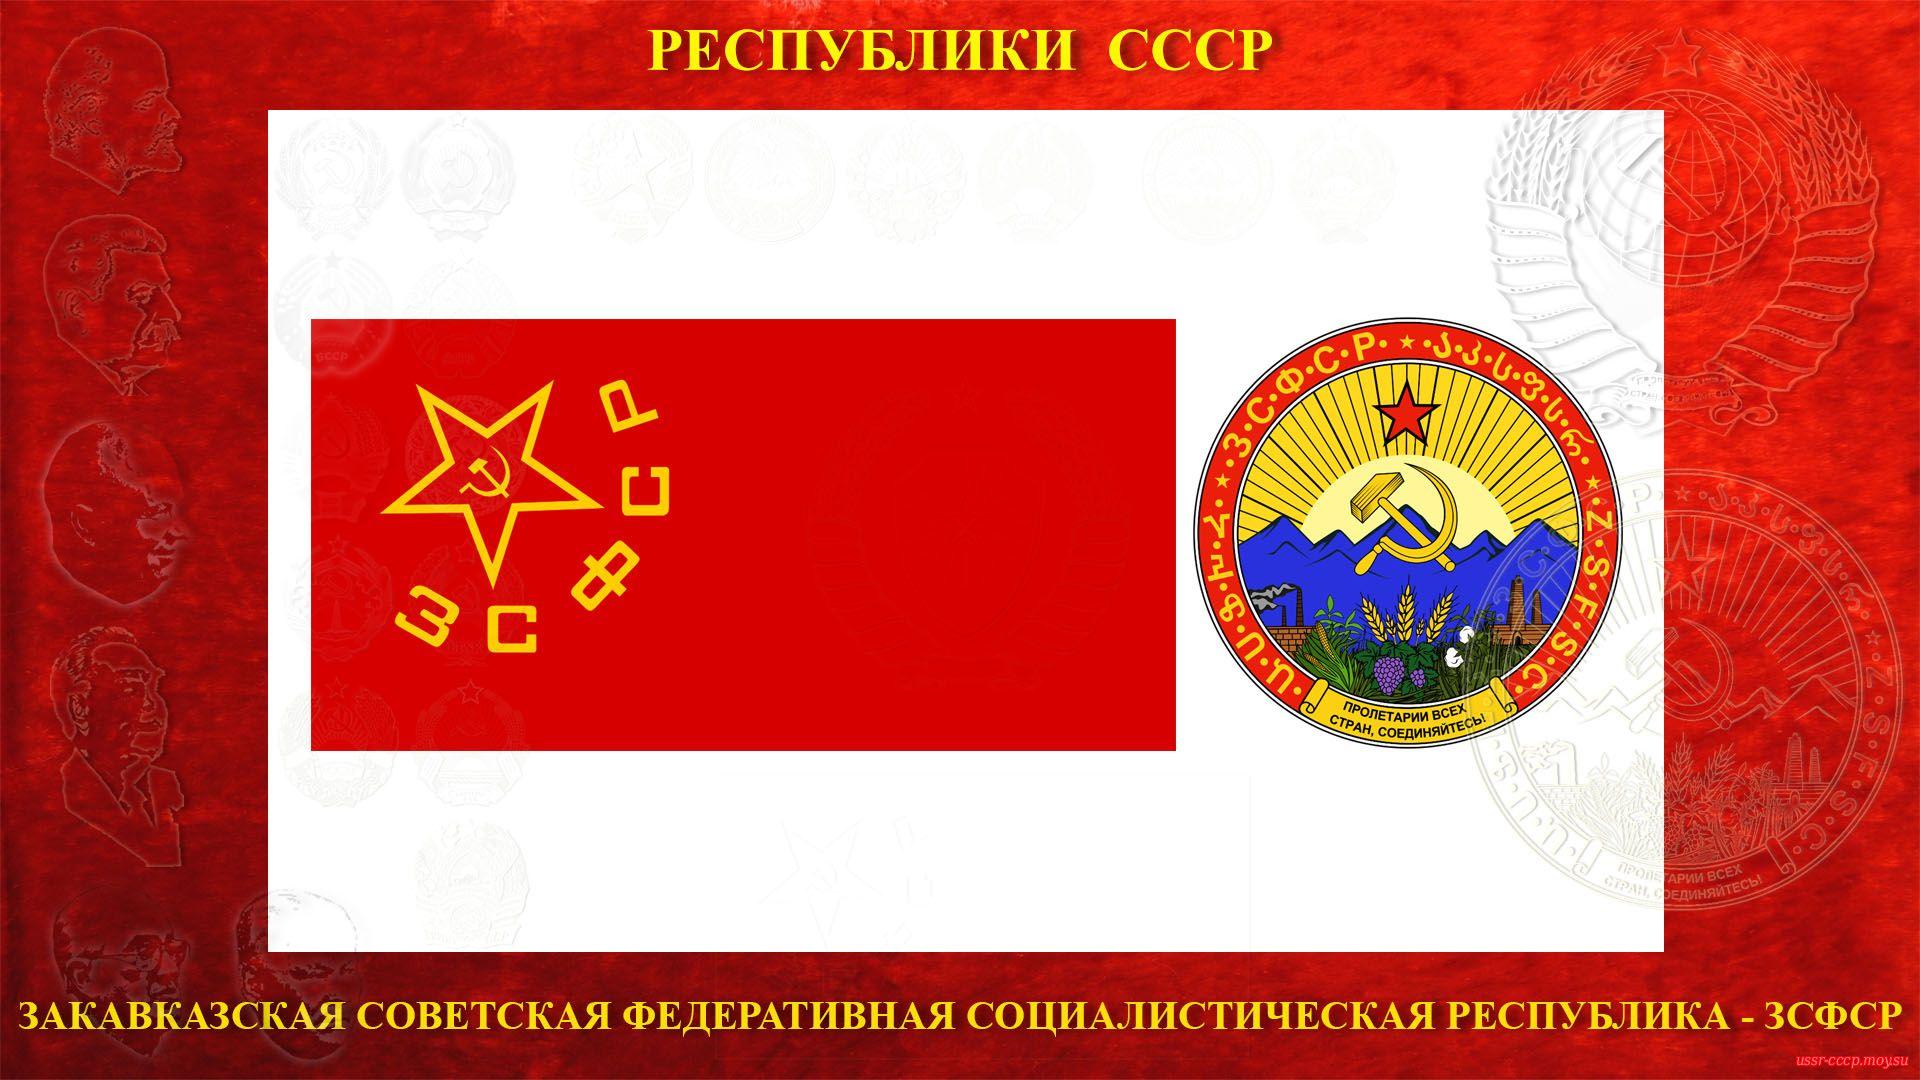 ЗСФСР — Закавказская Советская Федеративная Социалистическая Республика (30.12.1922 — 05.12.1936)